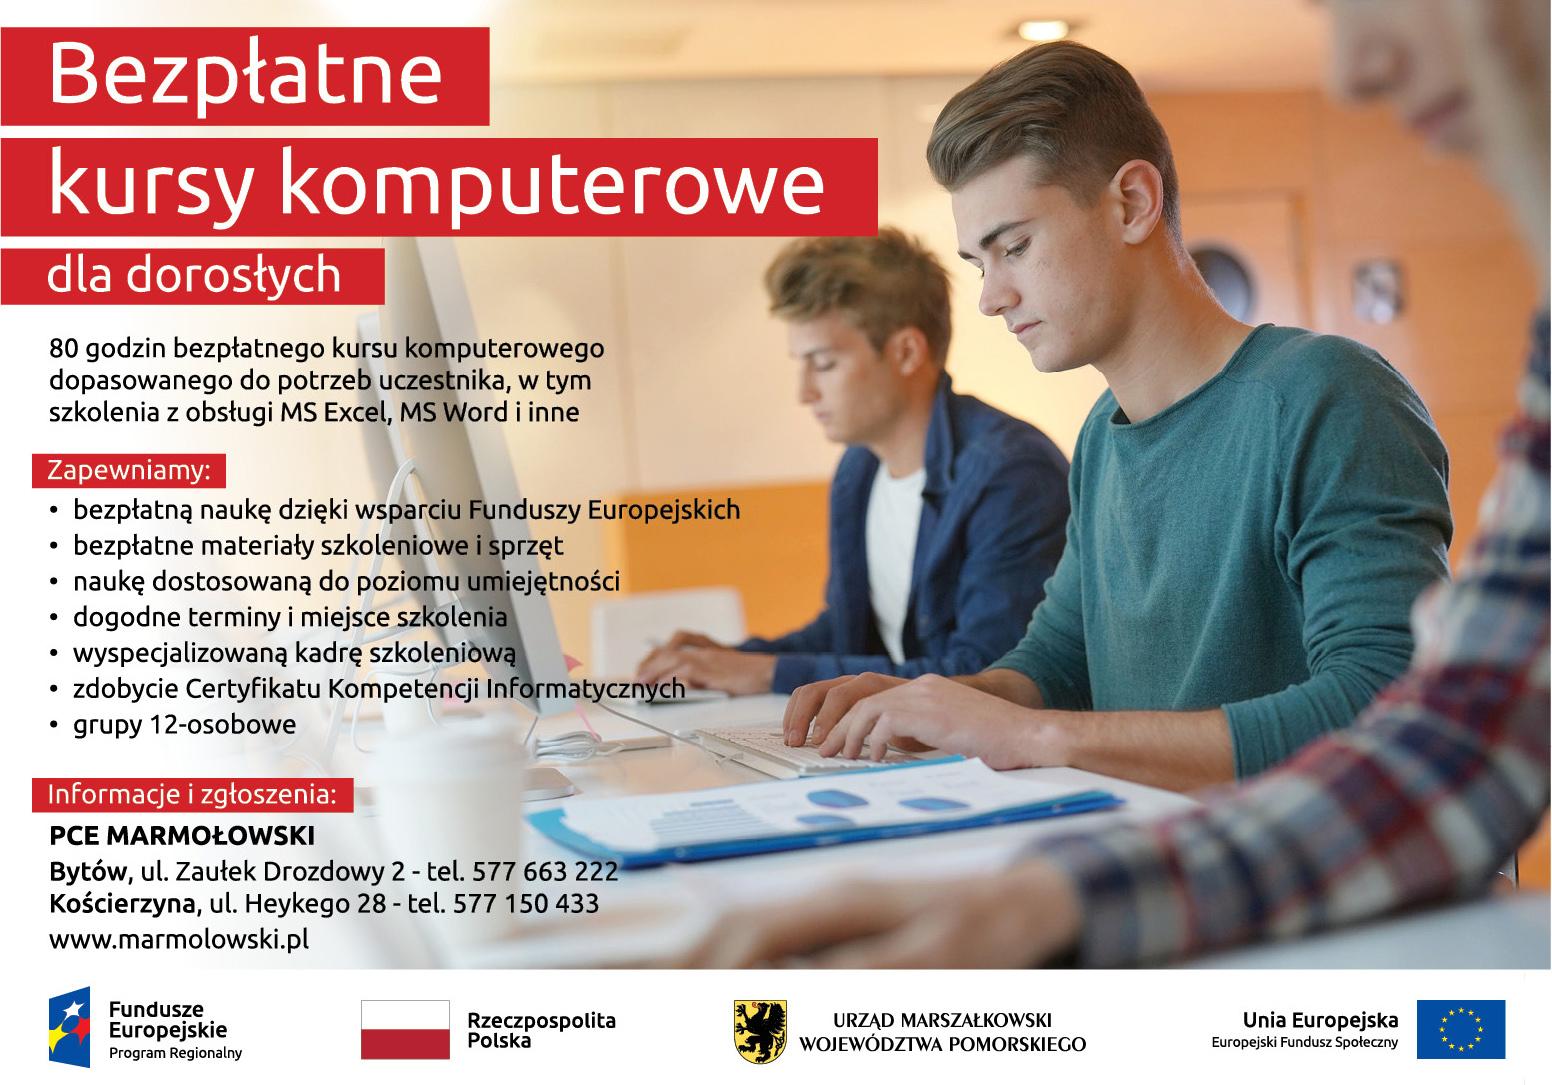 Plakat Bezpłatne kursy komputerowe dla dorosłych